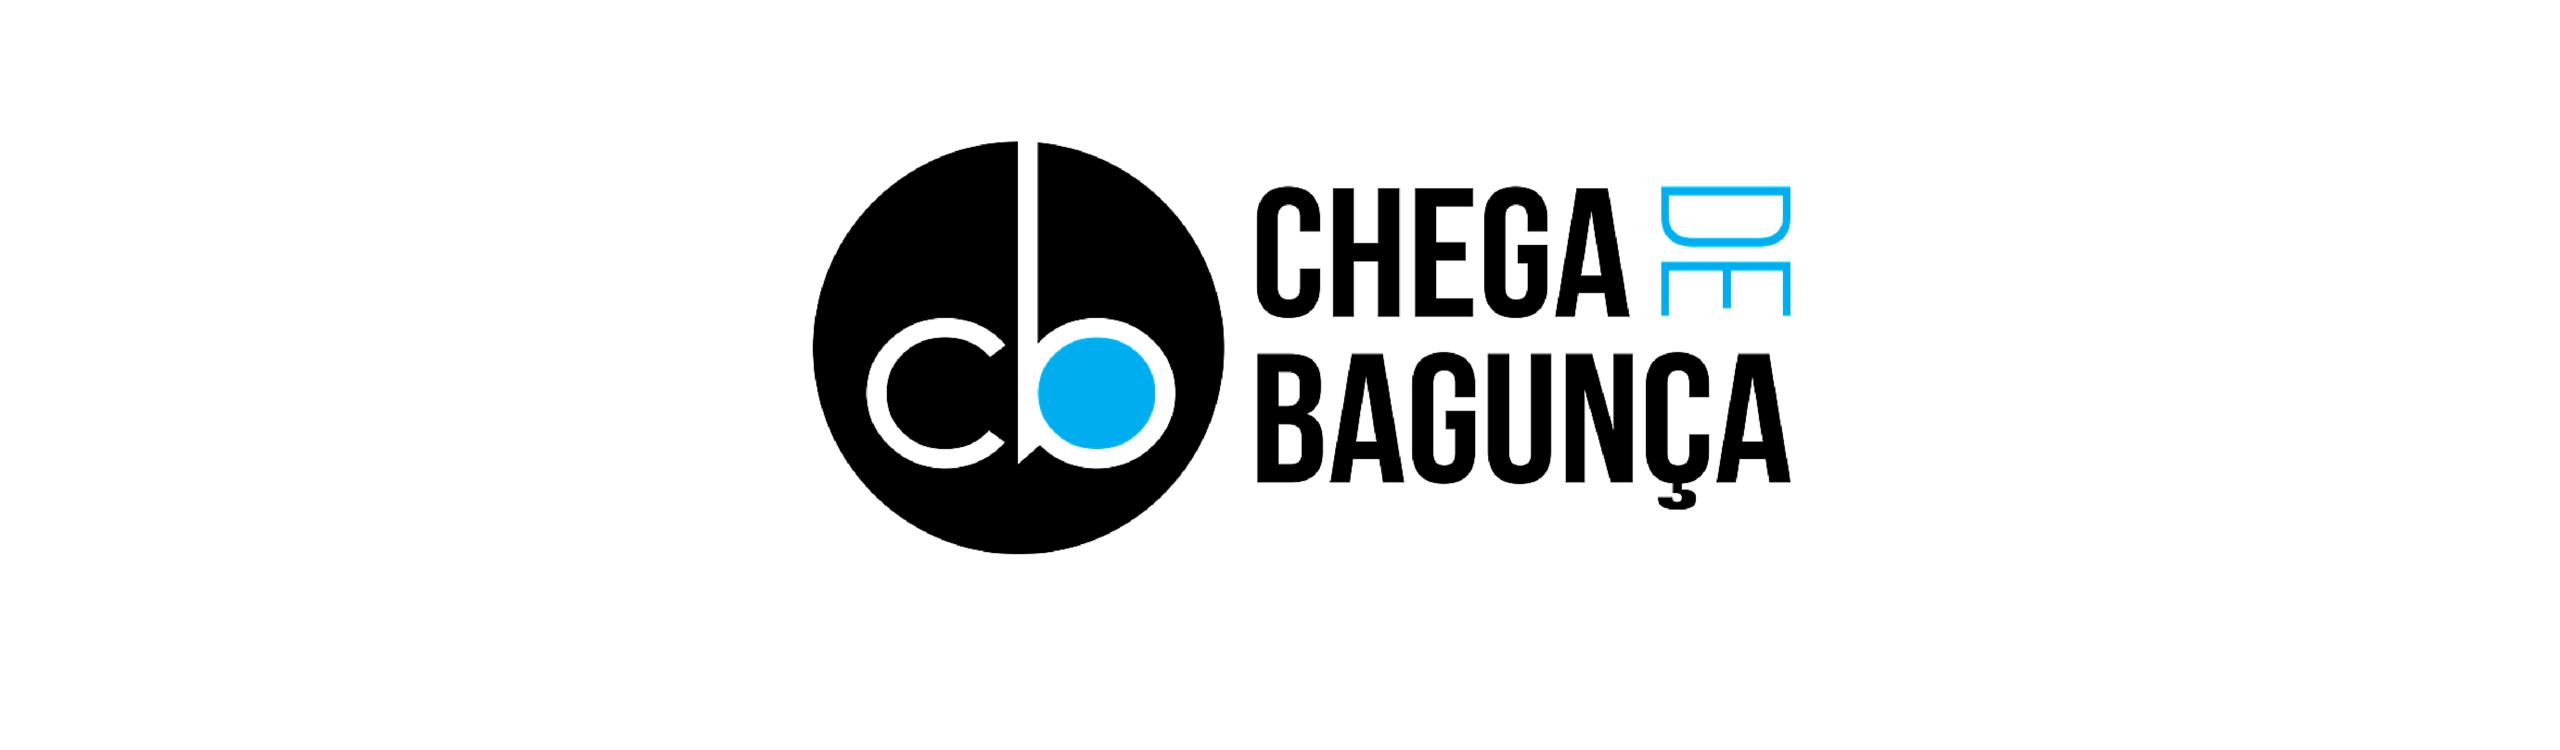 51 novos hábitos para mudar sua vida! - Blog Chega de Bagunça